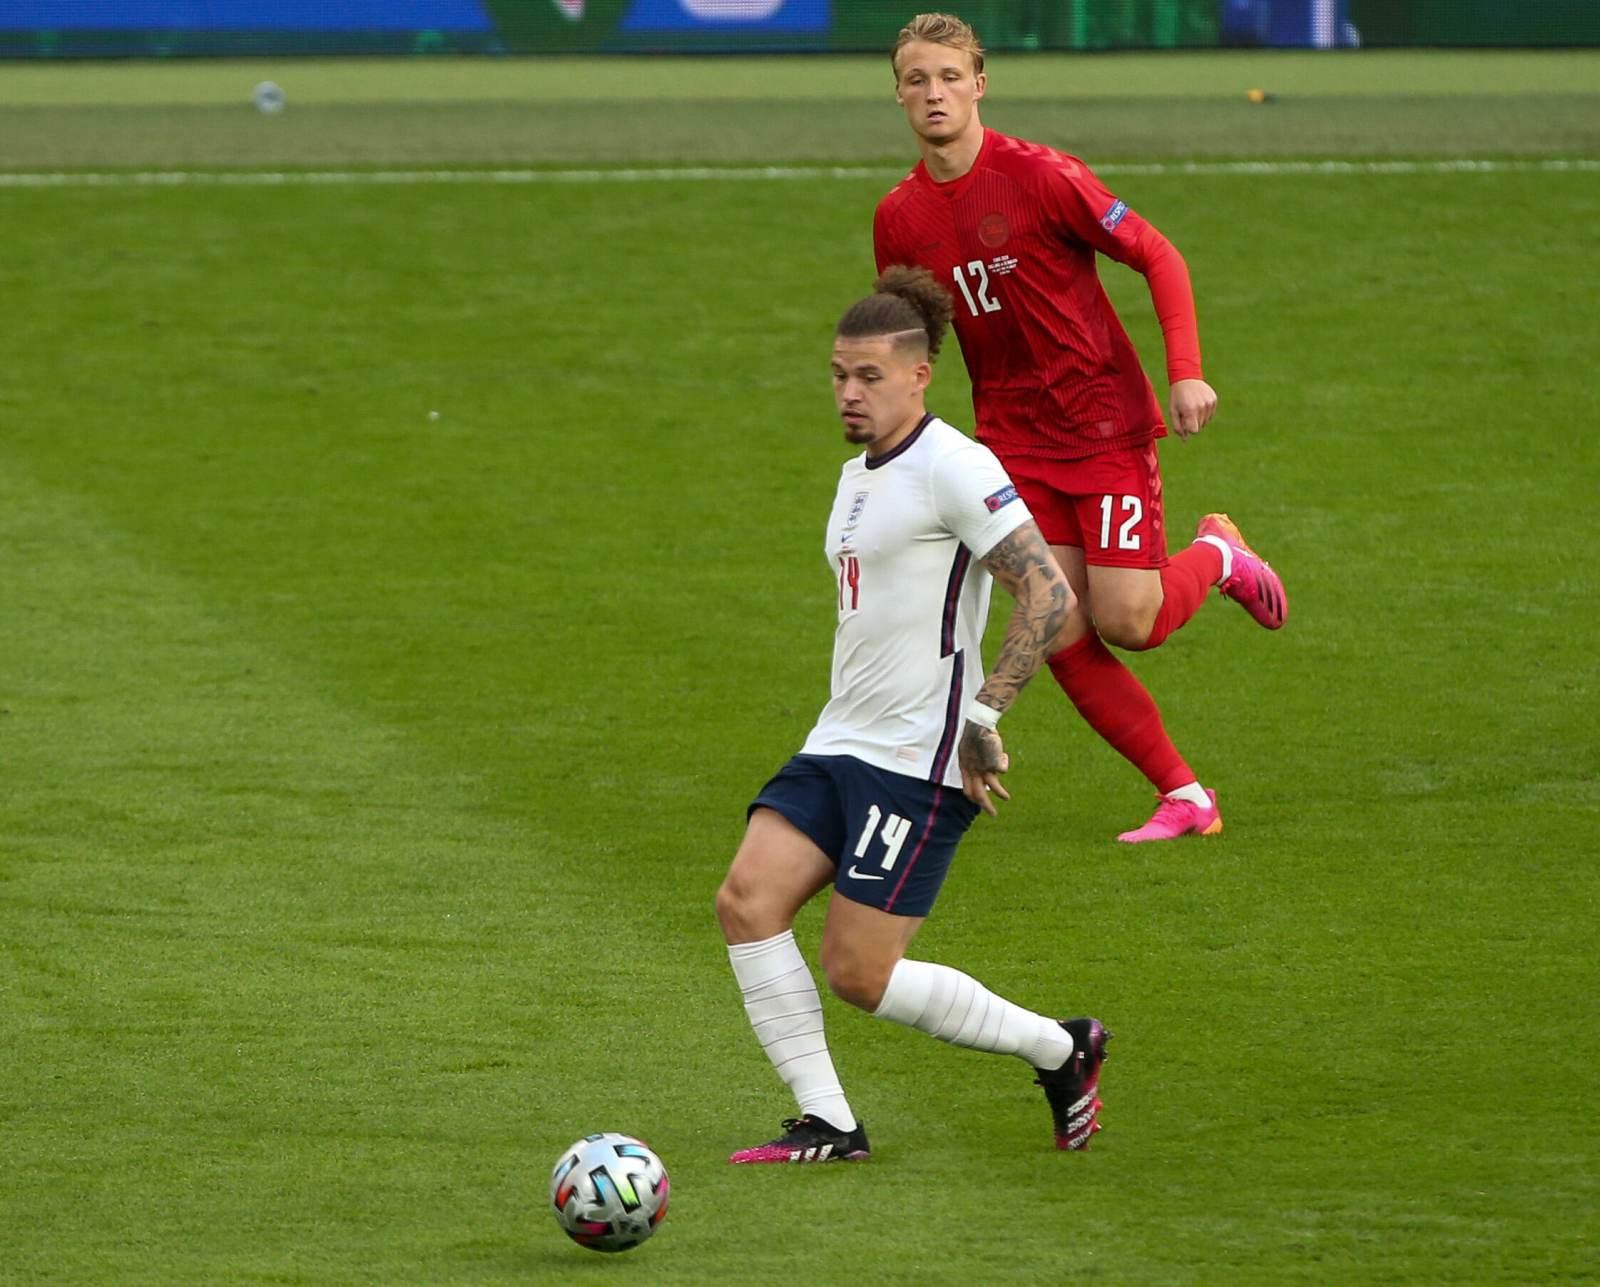 Капитан «Лидса» назвал Филлипса «одним из лучших полузащитников в мире»